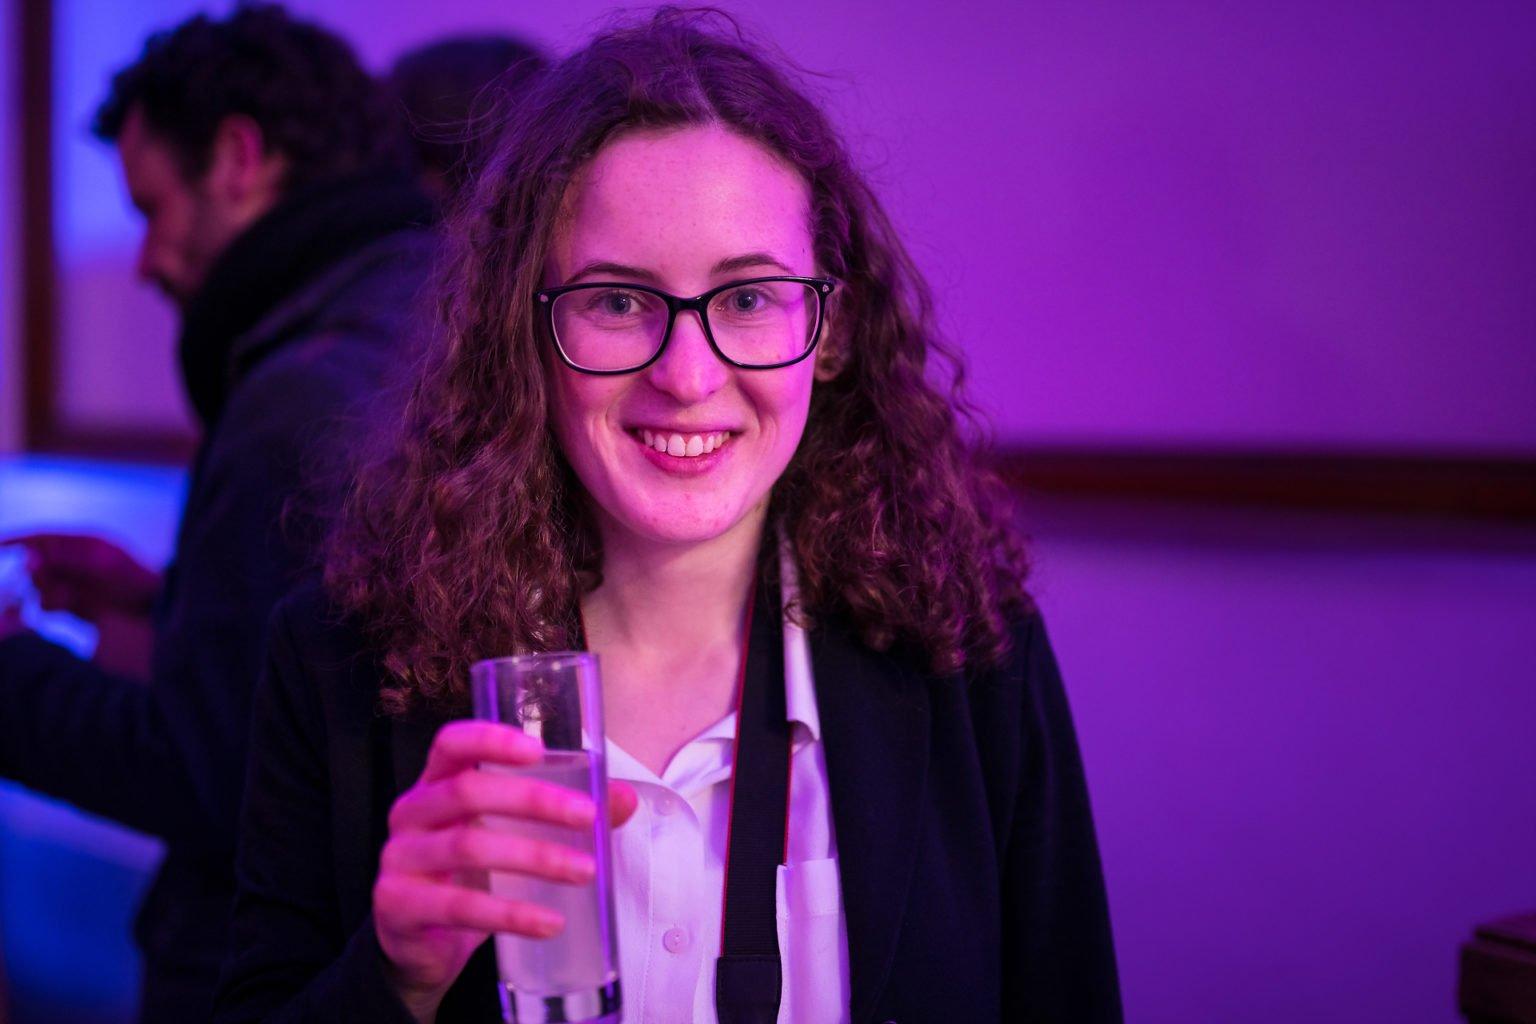 Coralie henderyckx, stagiaire en dernière année photographie à l'IATA,  lors de l'inauguration du FabLab de Charleroi, événement d'entreprise par Aurore Delsoir photographe d'entreprise à Bruxelles et en Wallonie